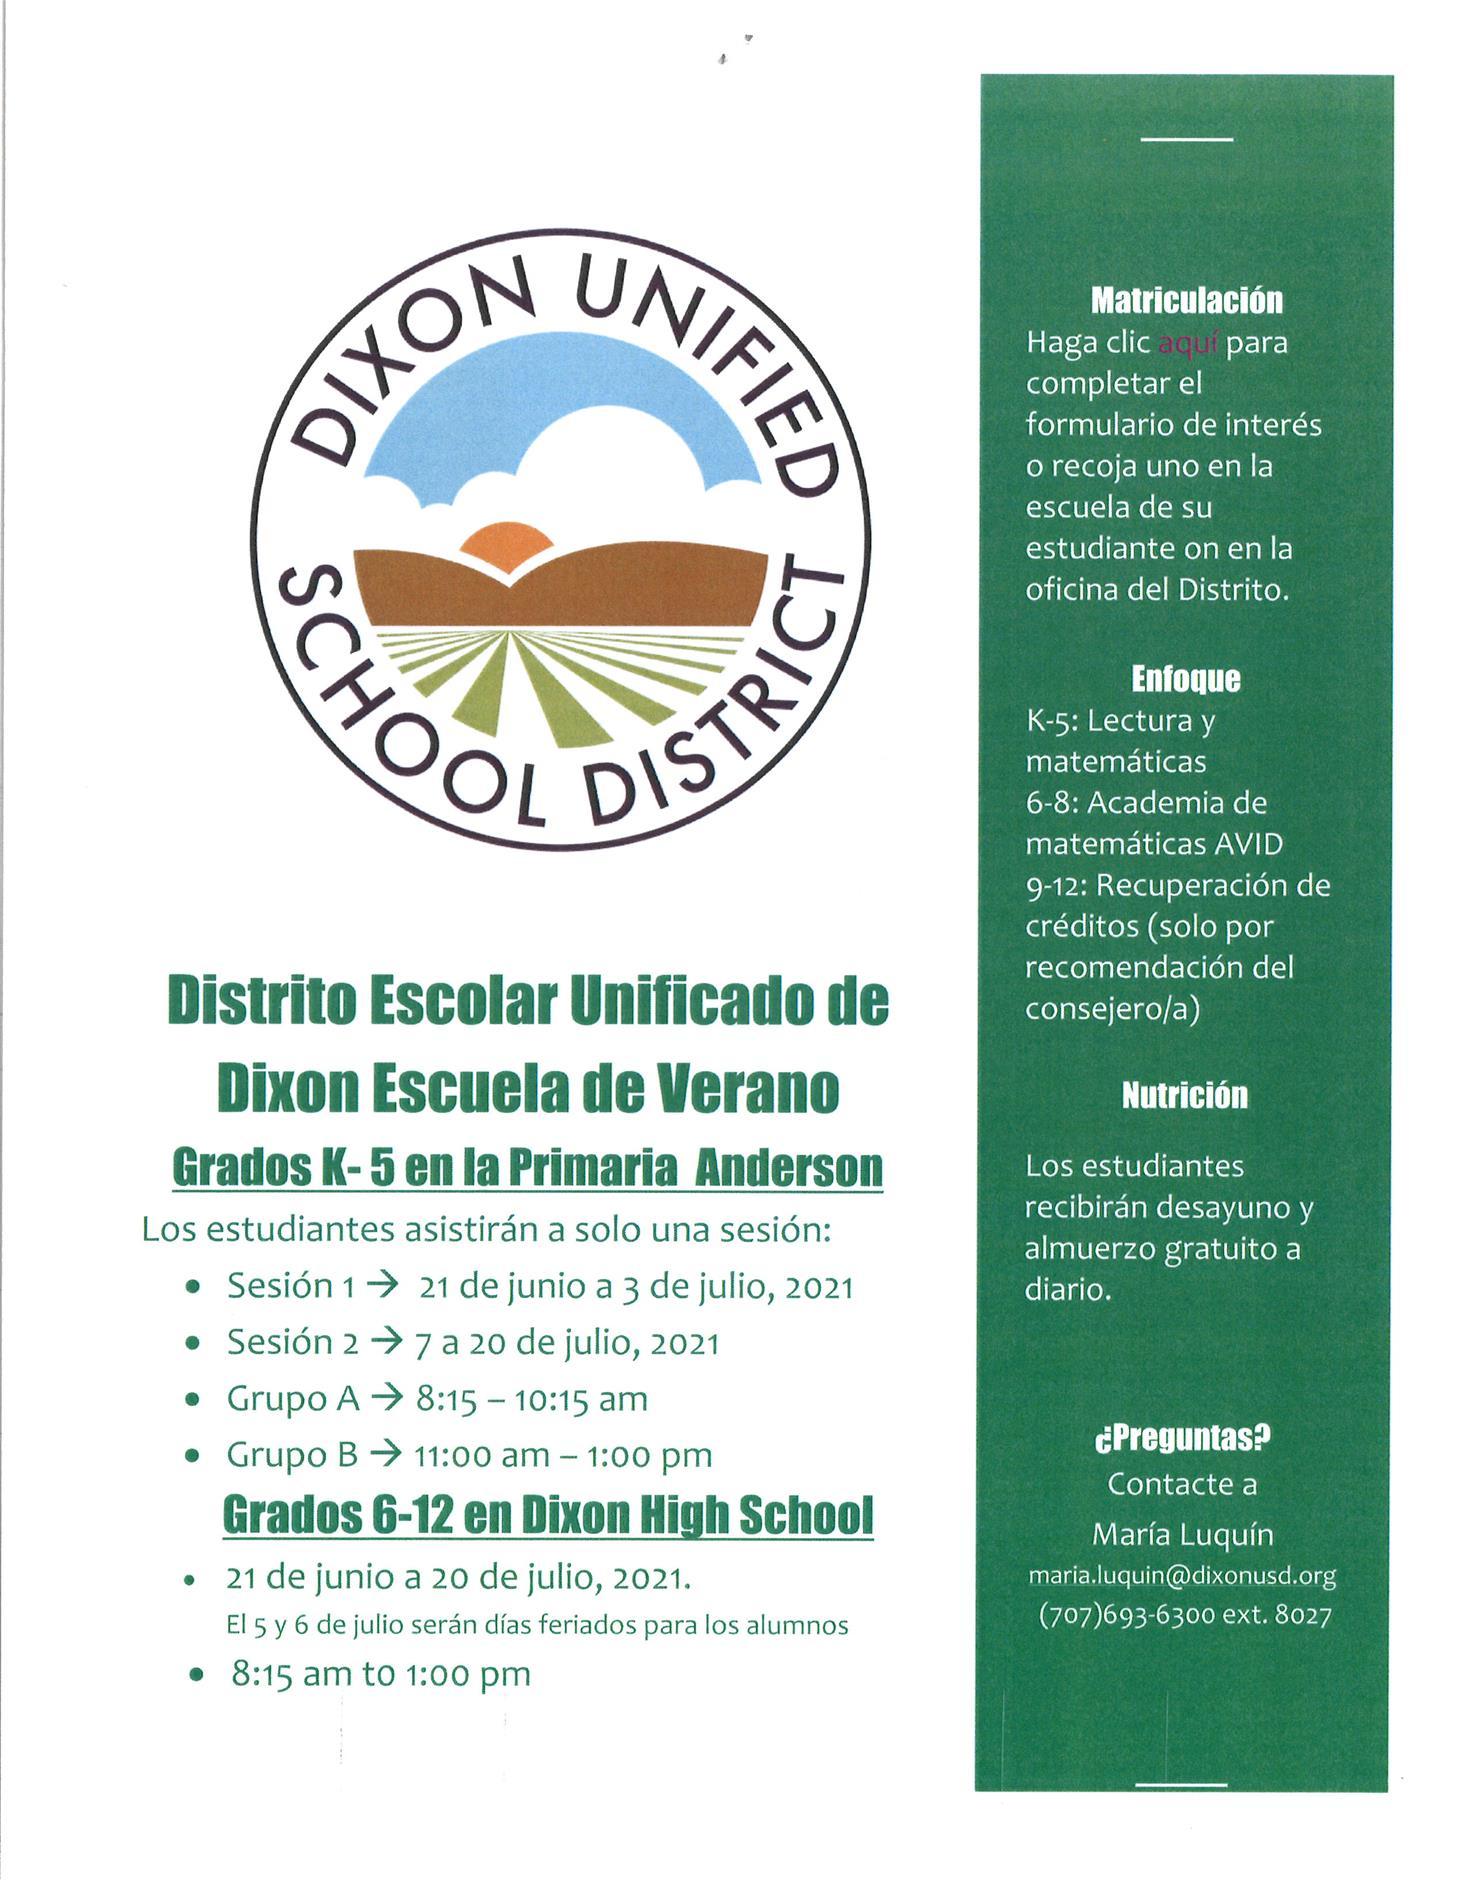 Summer School Info